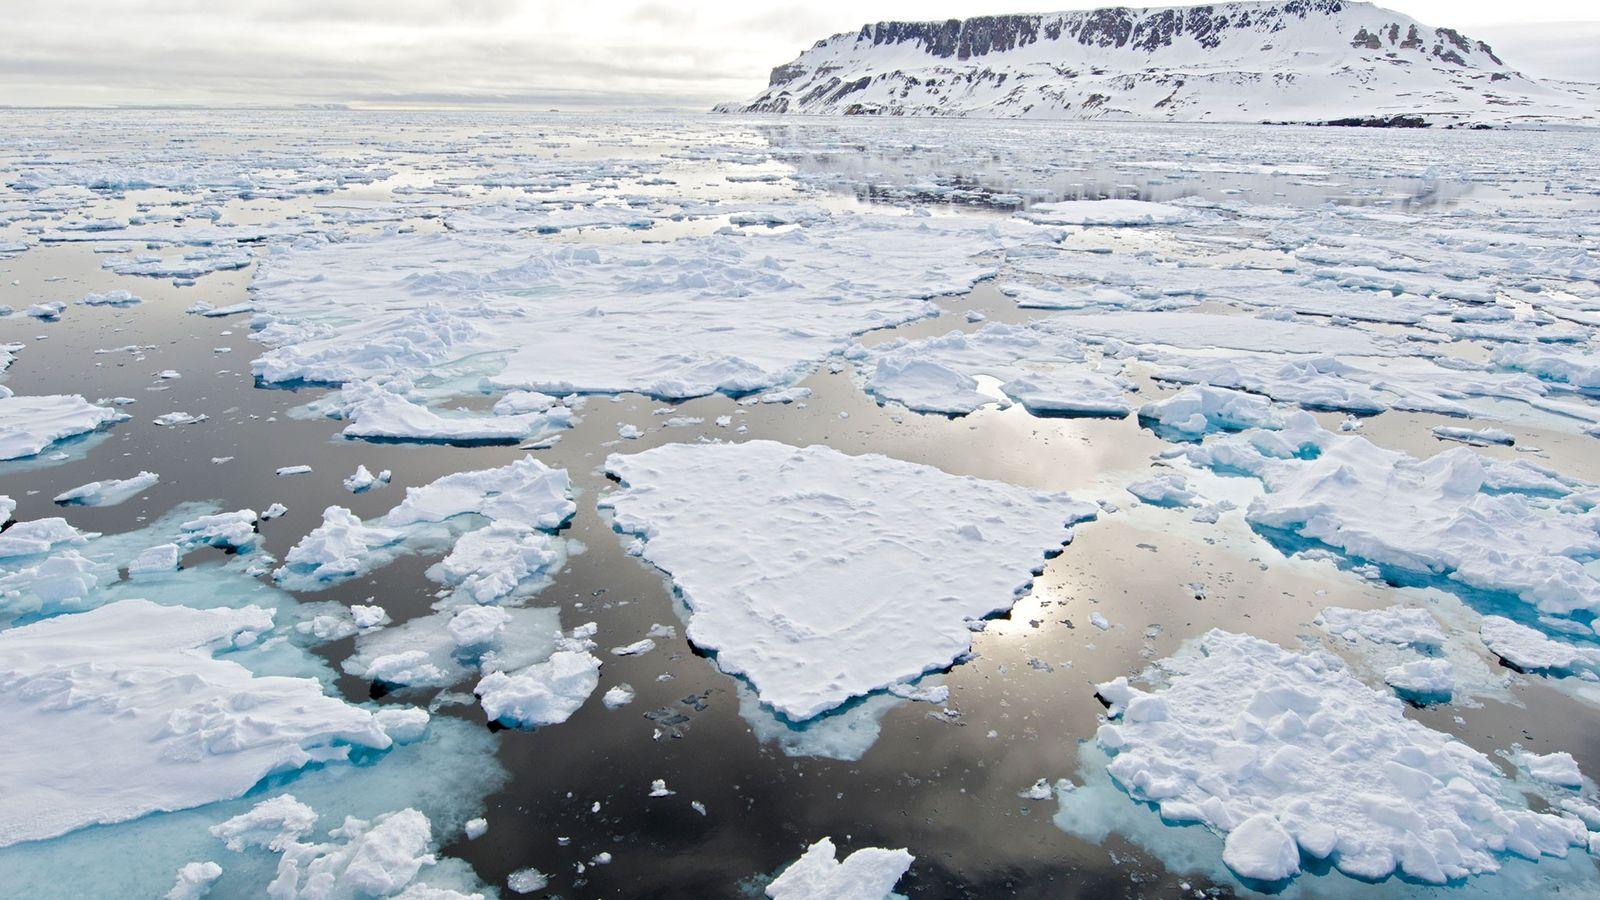 Gelo do Ártico a derreter